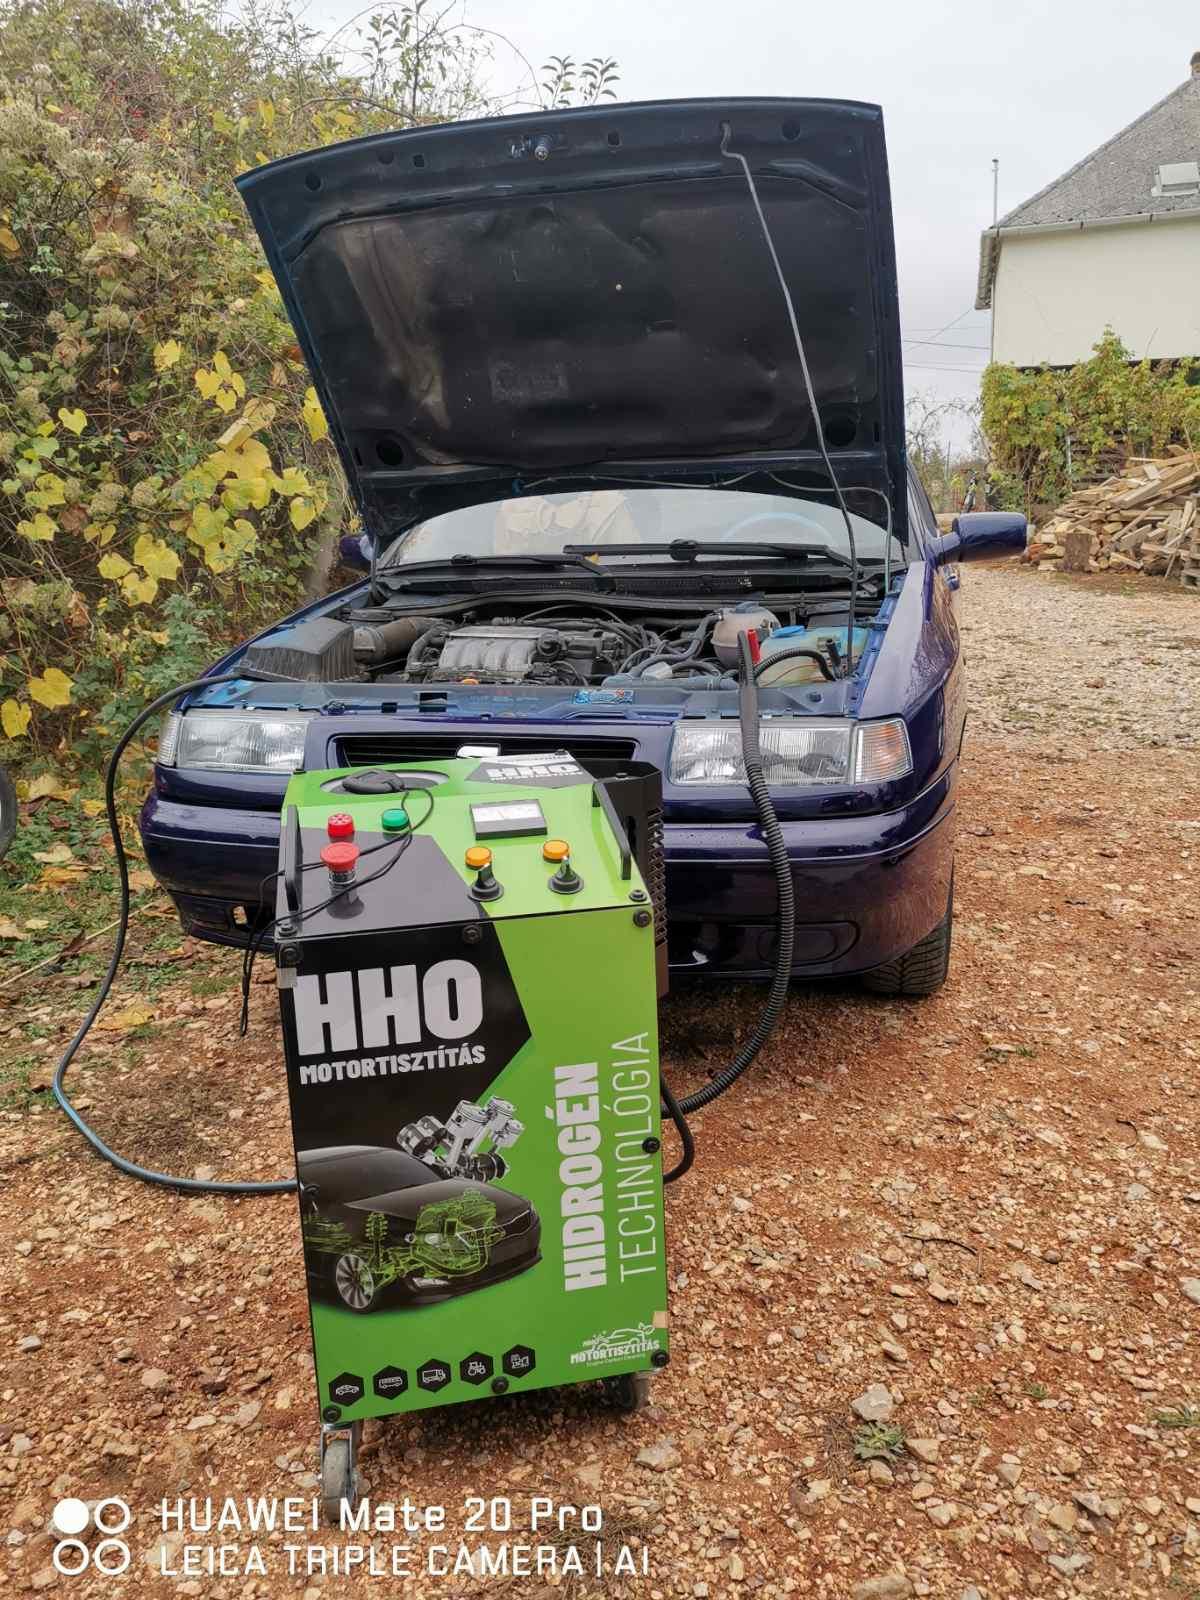 HHO Motortisztítás Seat Toledo 1.6 Benzin 1998 évjárat Tata